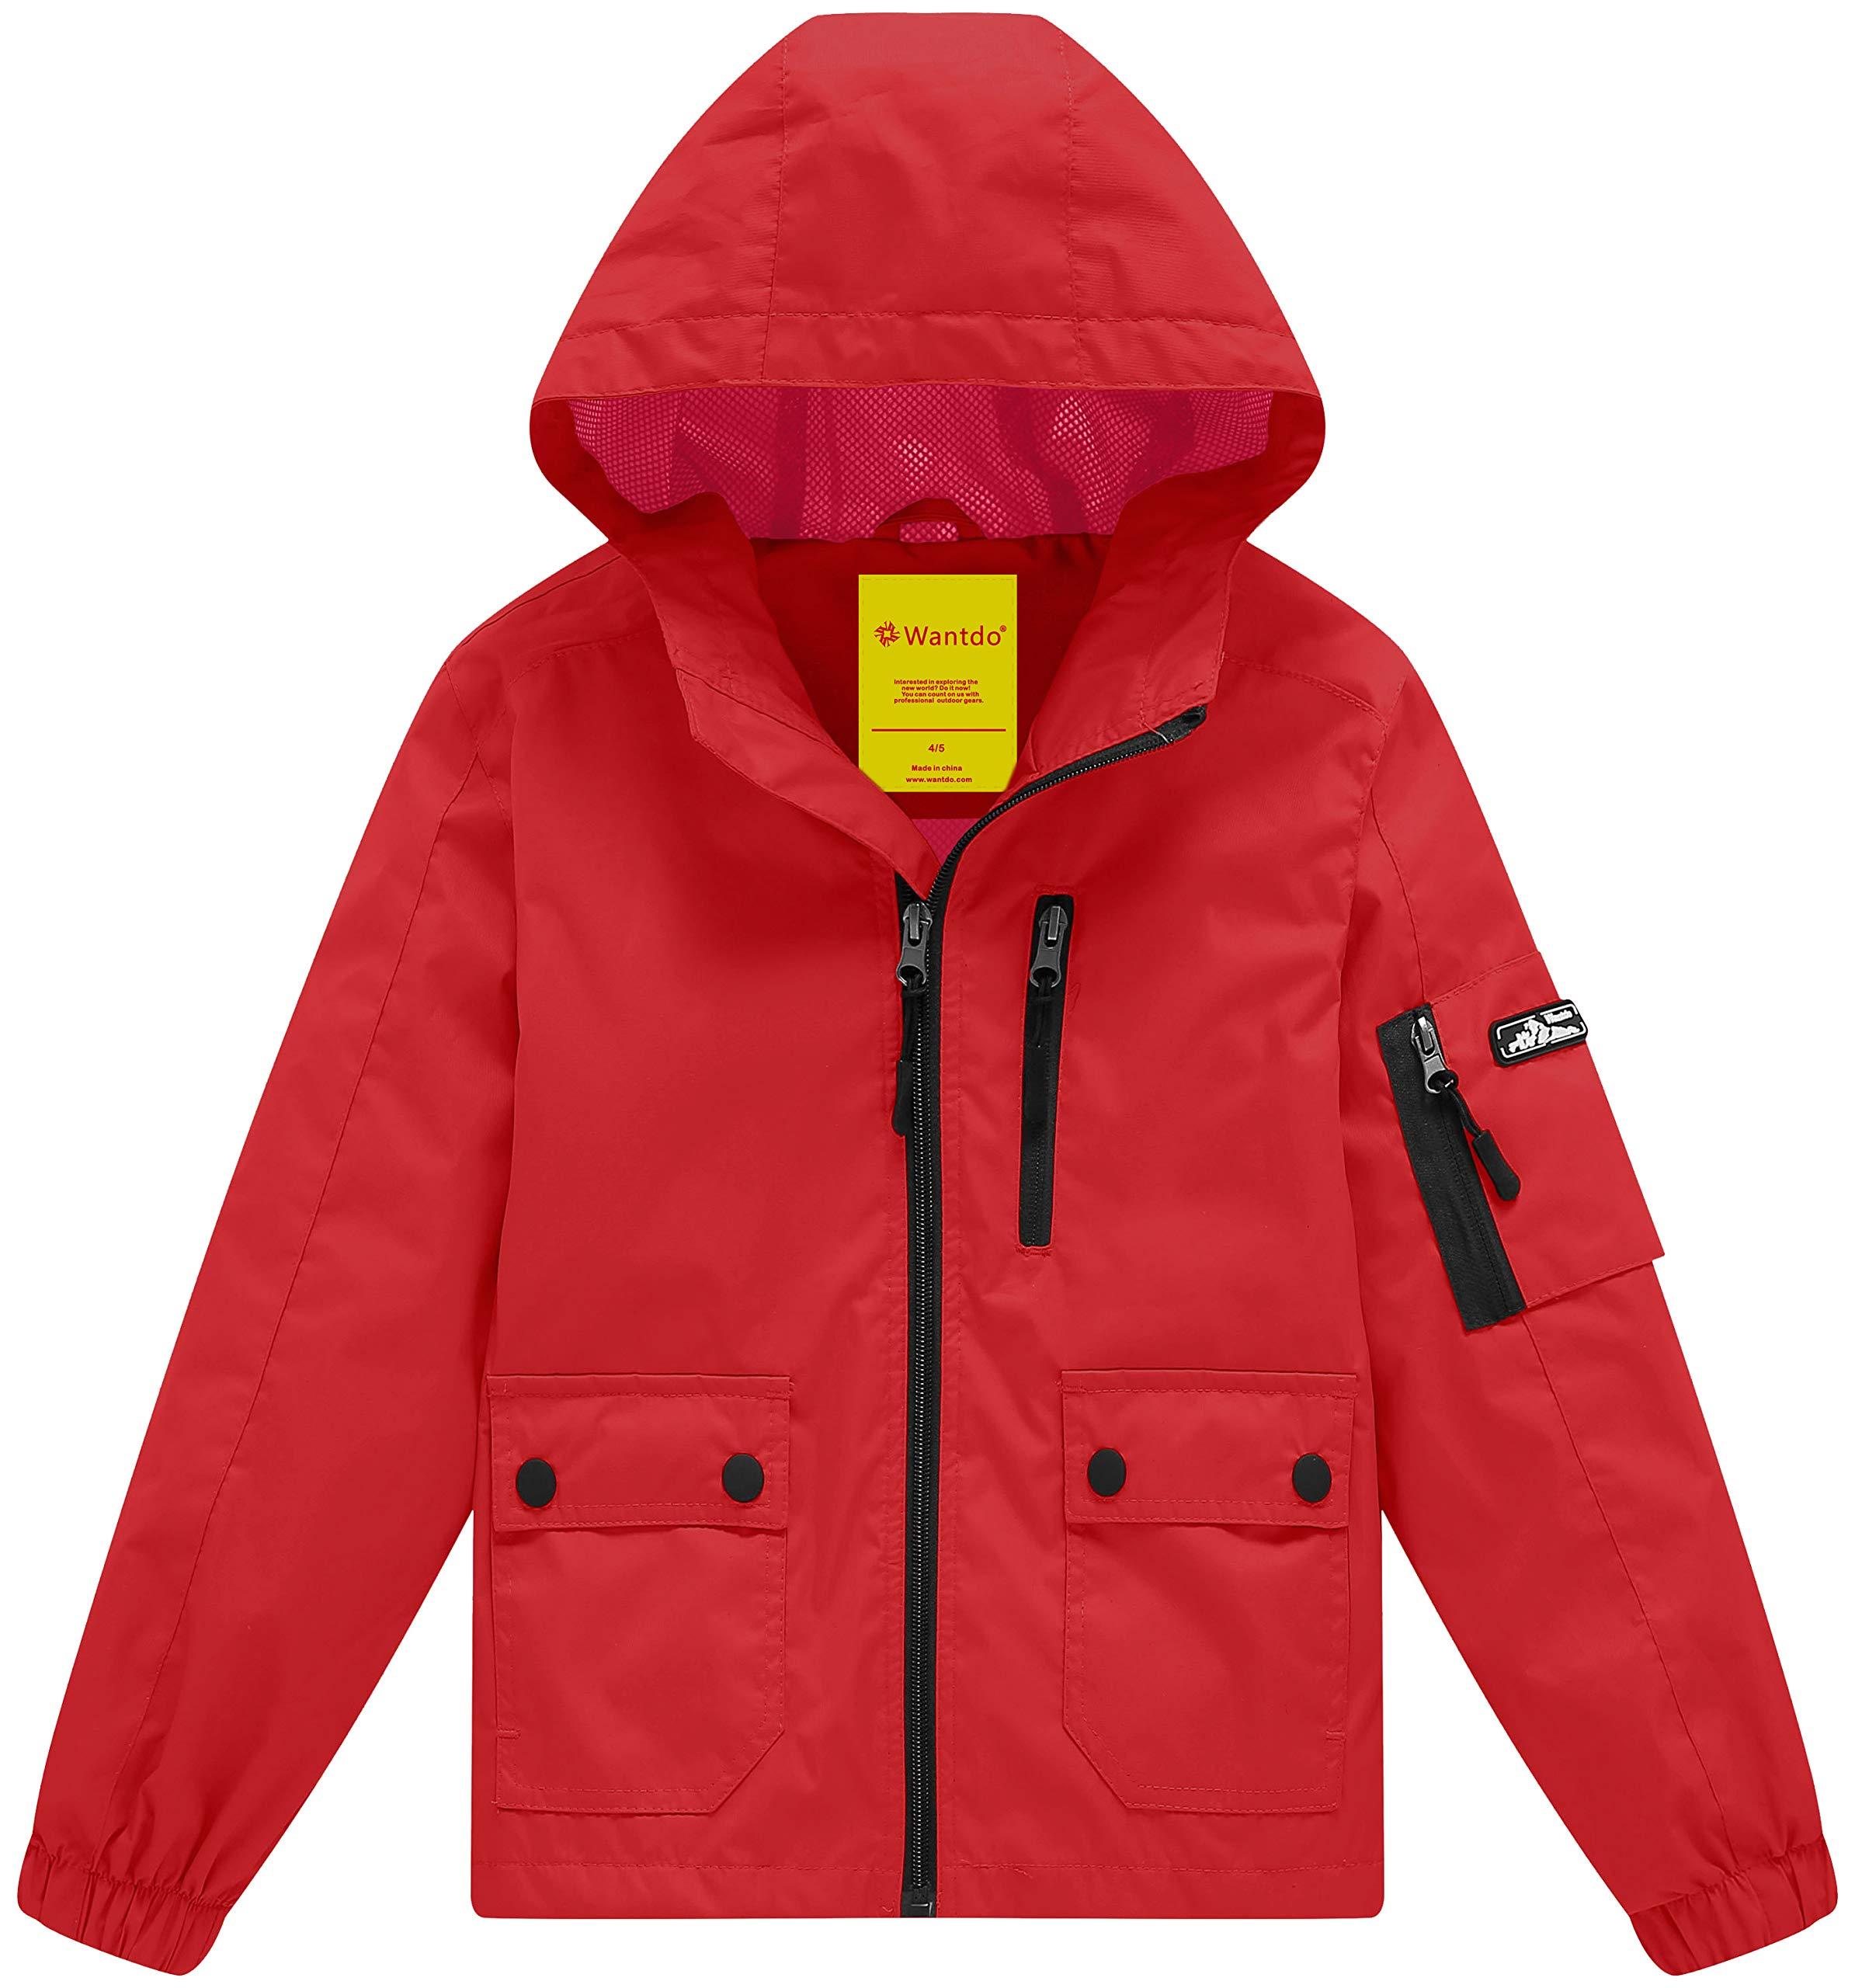 Wantdo Boy's Lightweight Hooded Rain Jacket Waterproof Outwear with Zipper Raincoat(Red, 8)